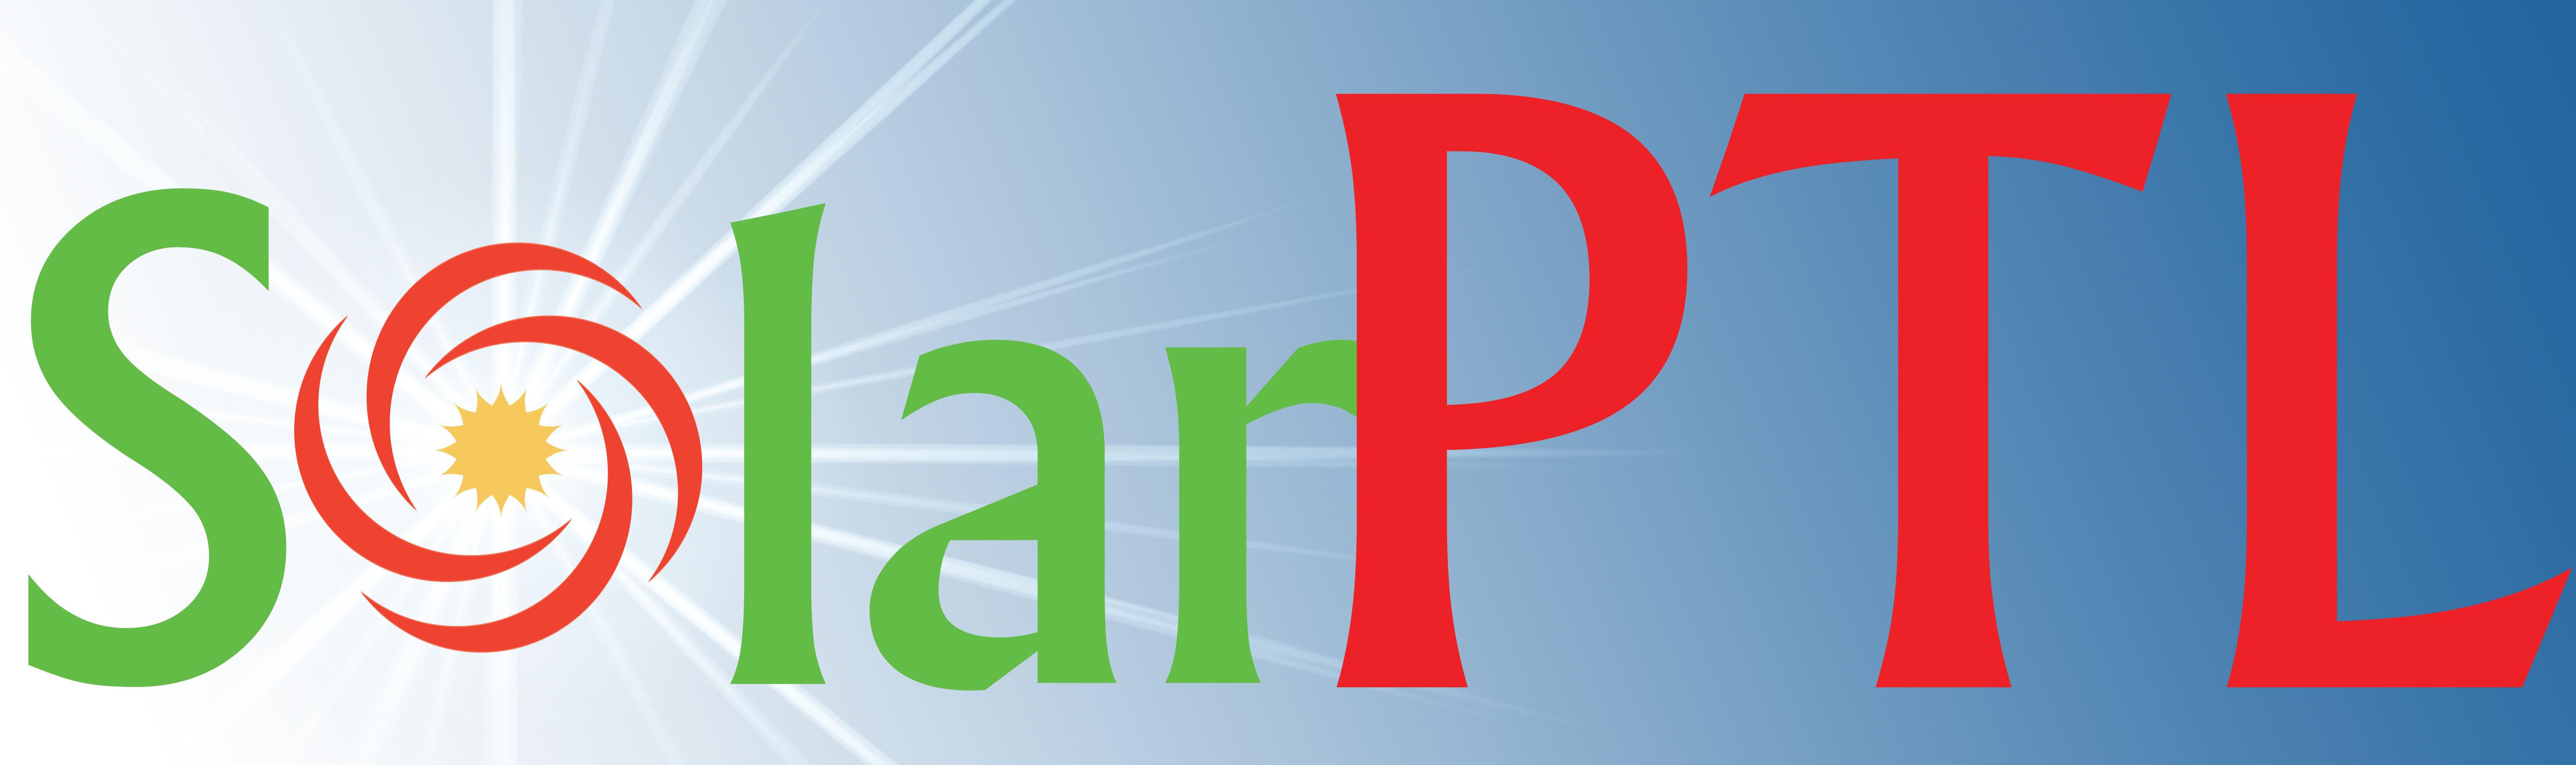 solarptl.com